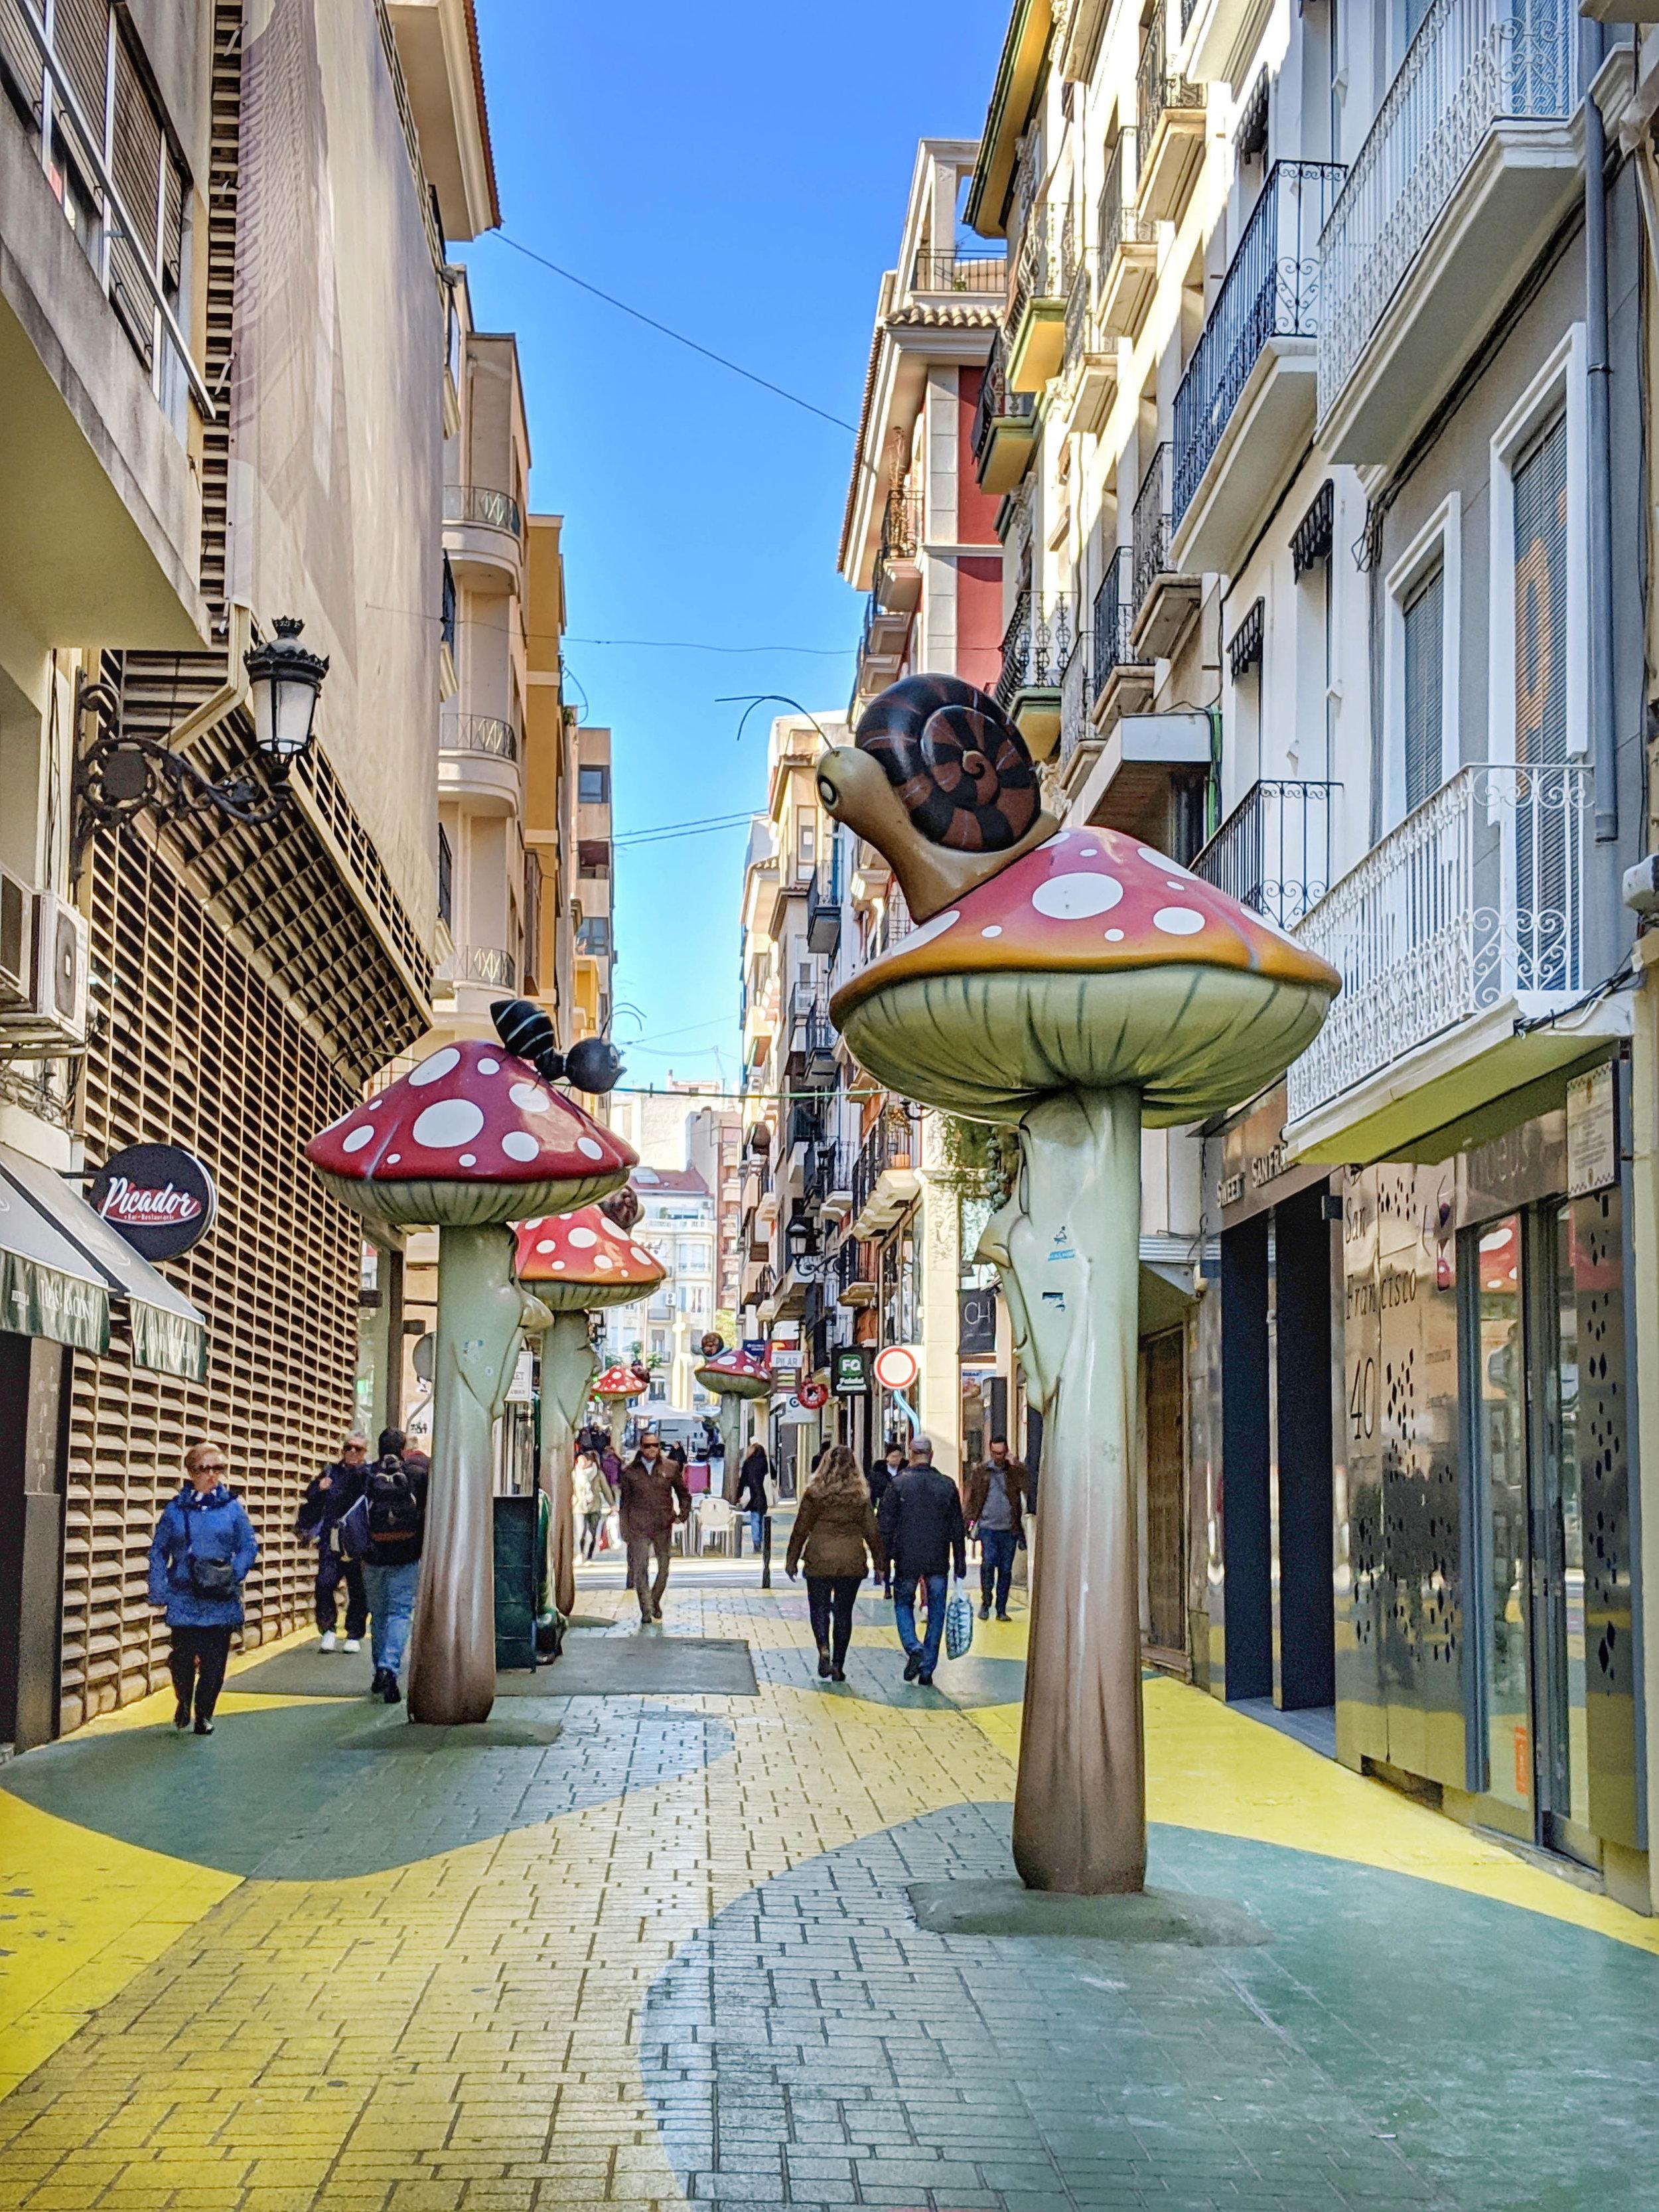 Strange sighting in Alicante